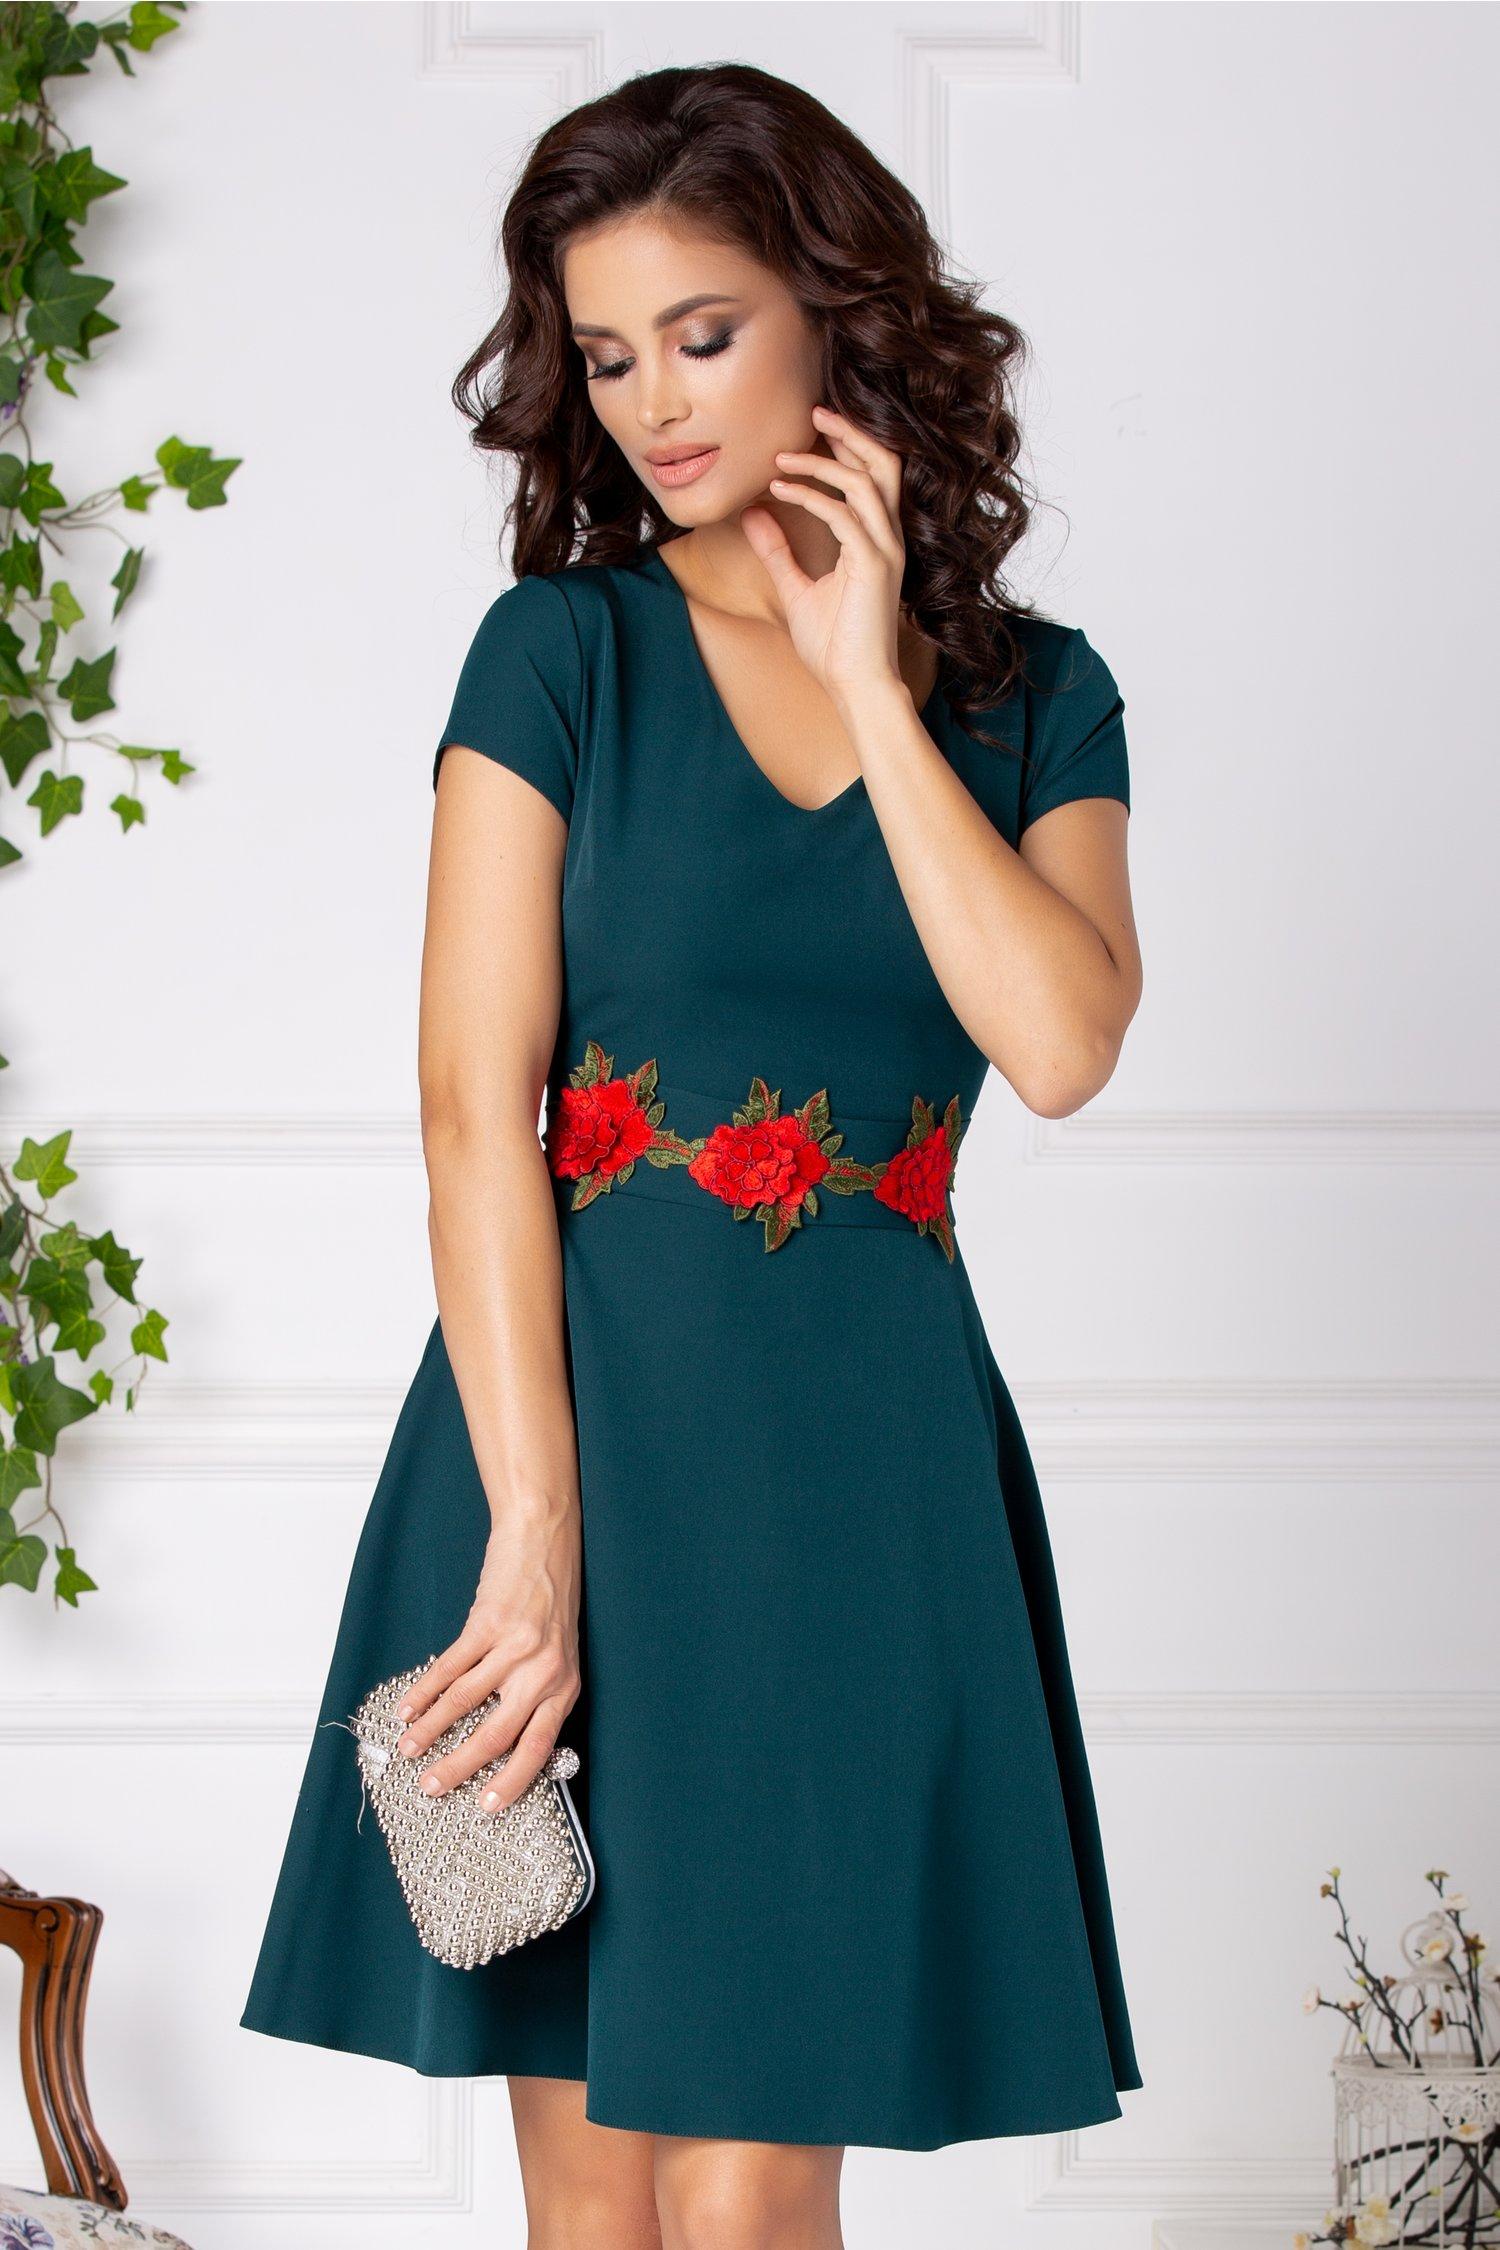 Rochie Gladys verde inchis cu trandafiri in talie